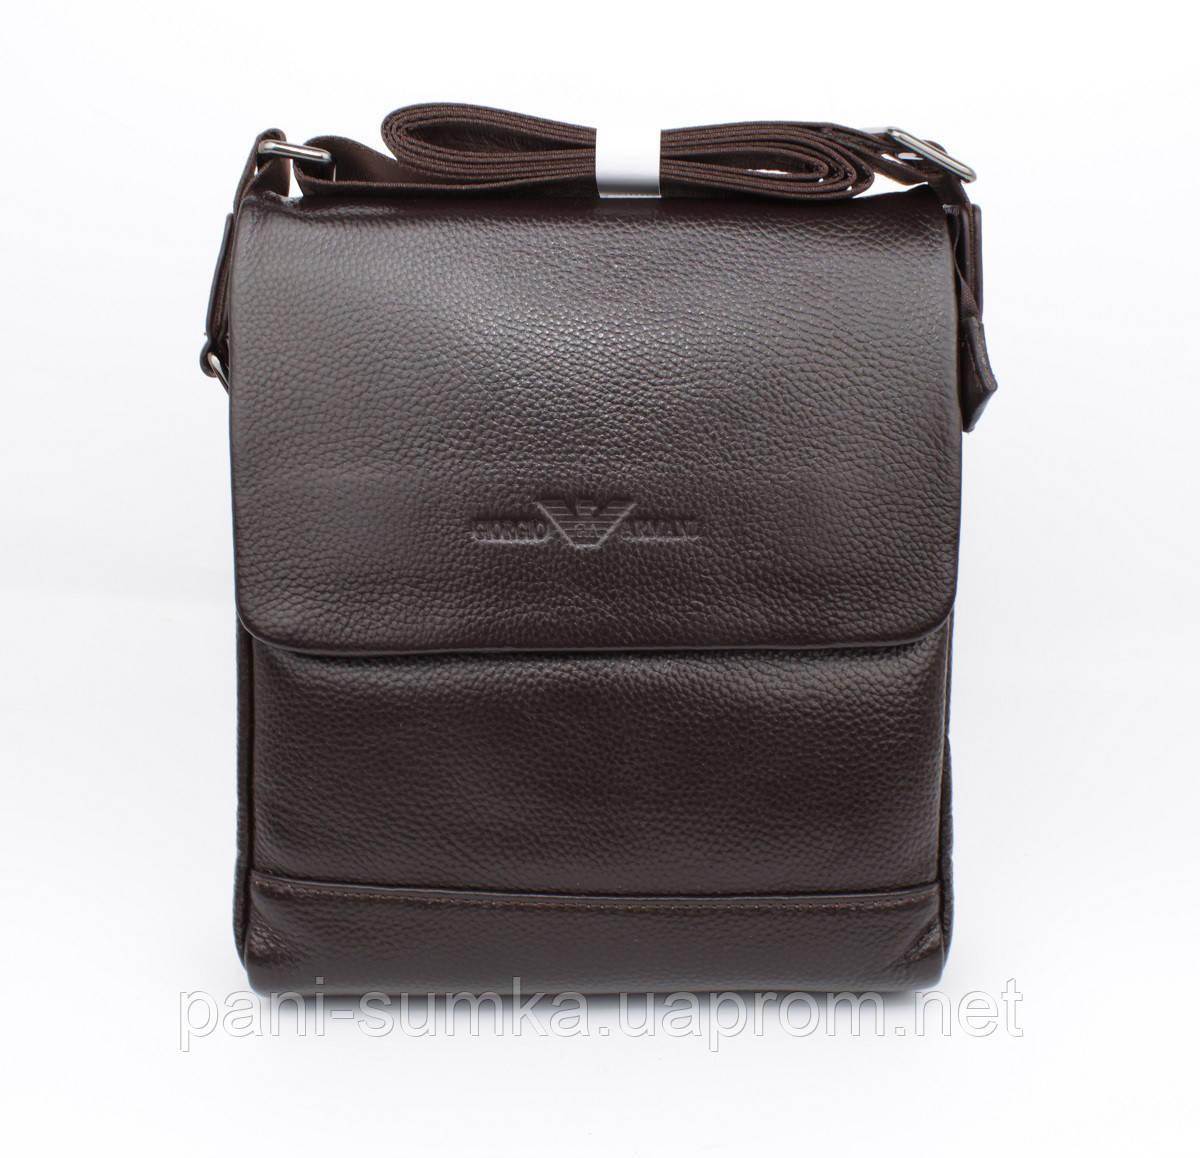 Сумка мужская кожаная Giorgio Armani 7911-3 коричневая  продажа ... f8726cada2c